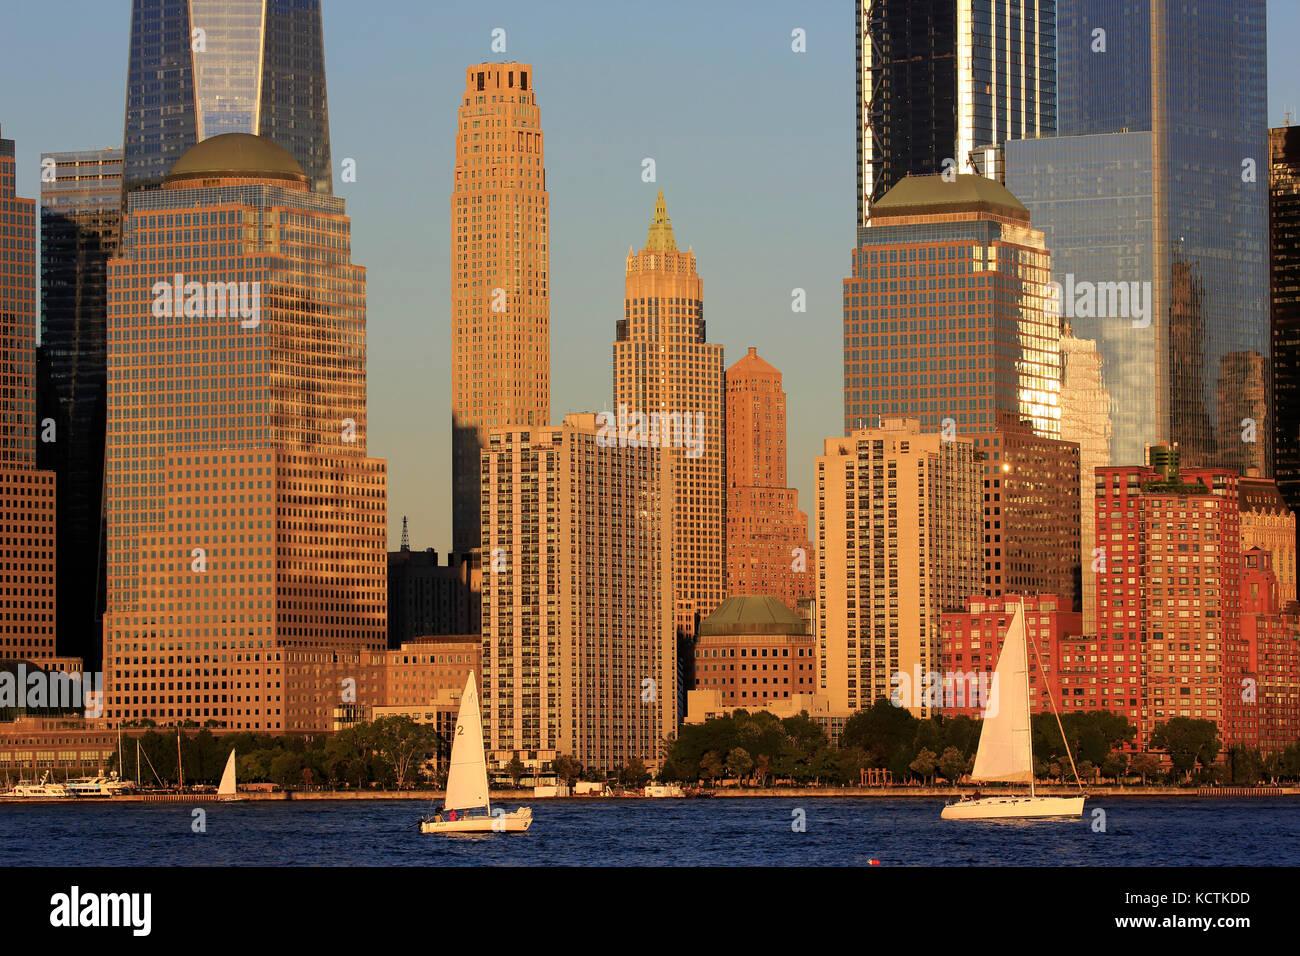 Skyline di Manhattan il quartiere finanziario con barche a vela nel fiume Hudson in primo piano sotto il tardo pomeriggio Immagini Stock